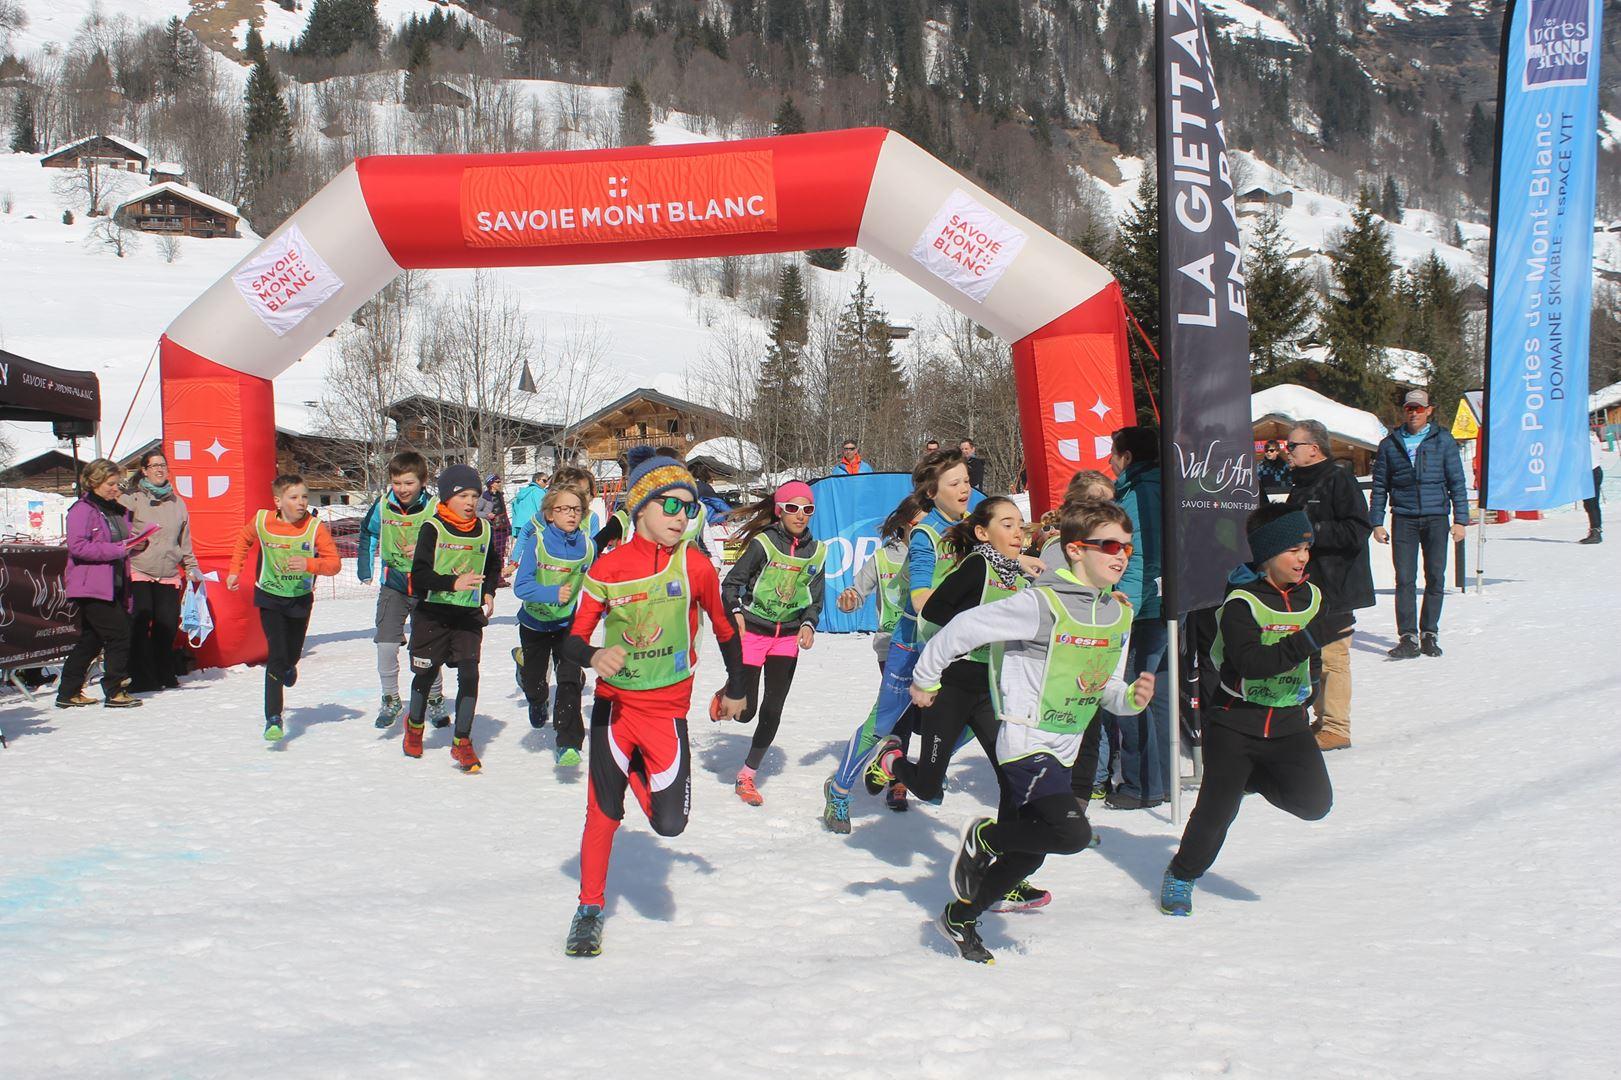 départ trail des croés 1 - RESULTATS PHOTOS ET COMPTE RENDU DU 9EME ARAVIS SNOW TRAIL (La Giettaz73) 25-03-2018